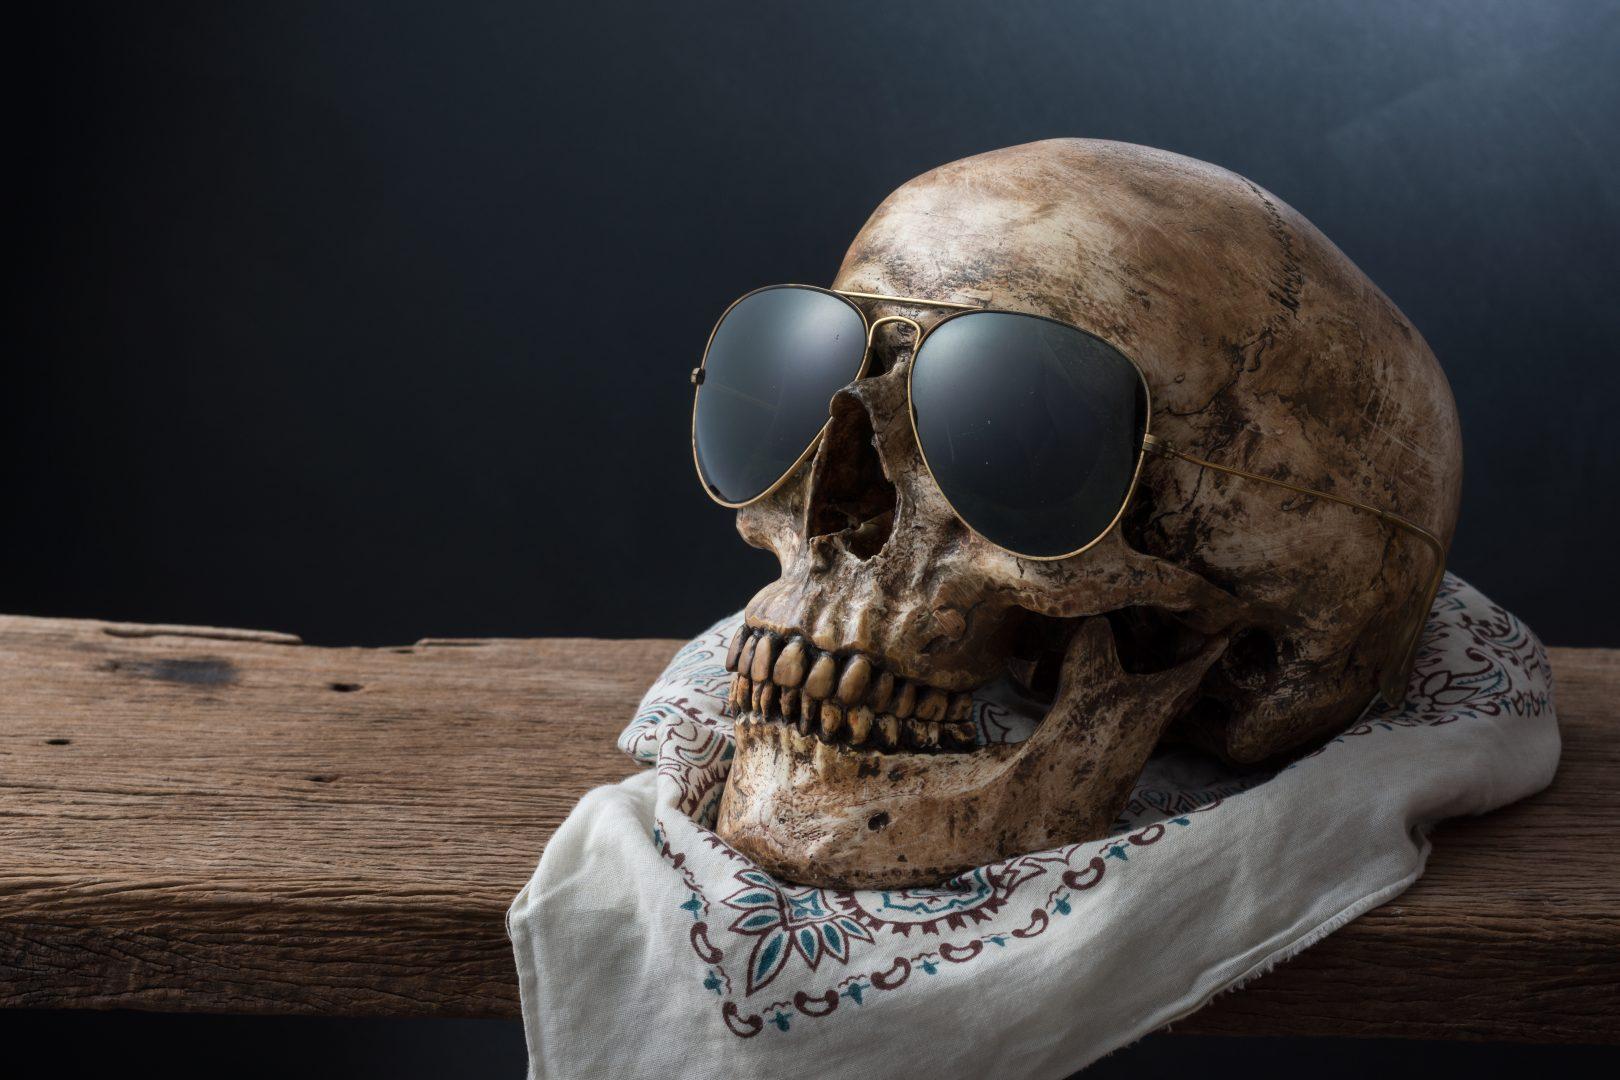 Craniul unui bărbat dispărut în 2012, descoperit pe un șemineu, cu ochelari de soare